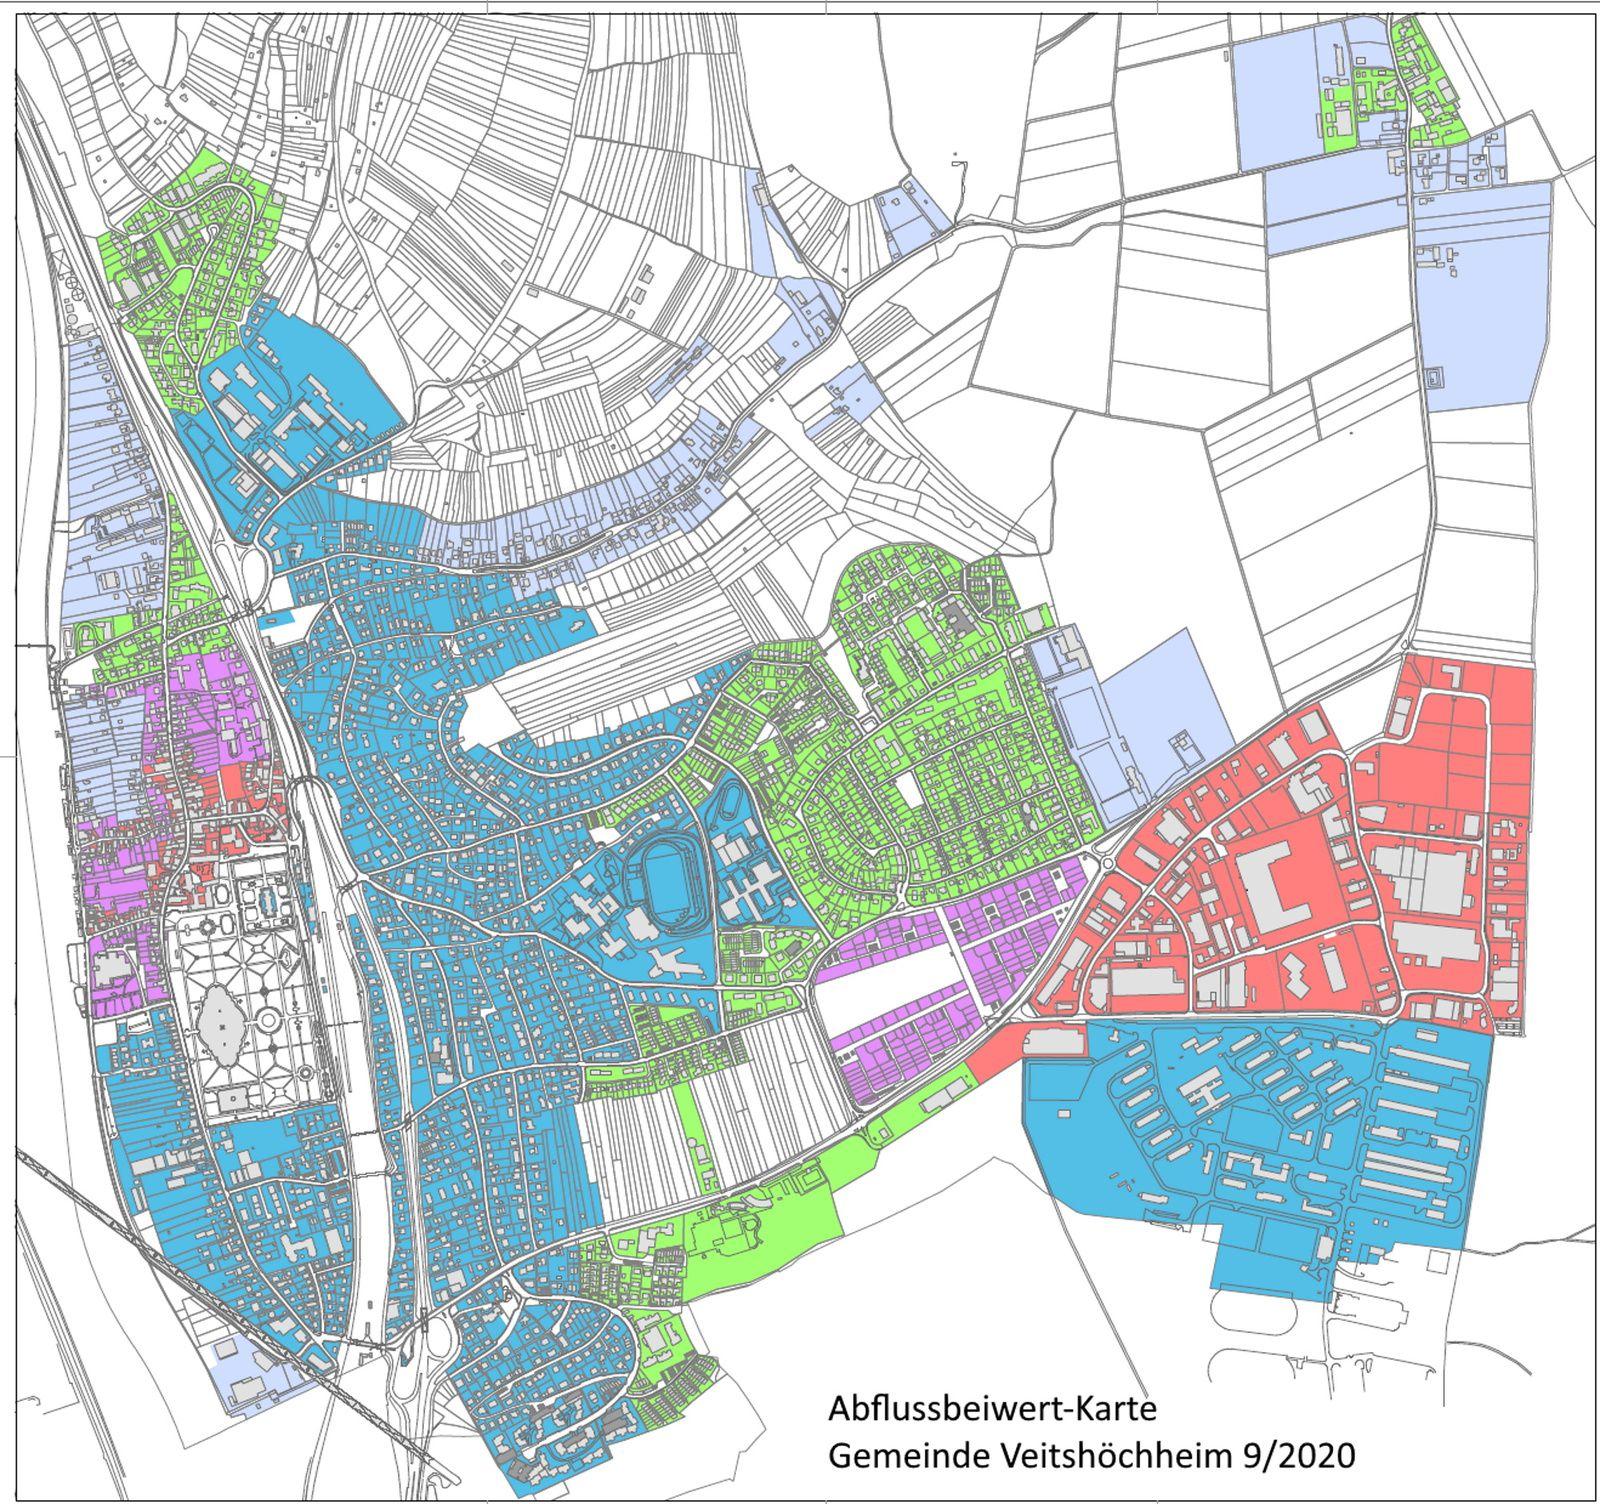 Niederschlagswassergebühren: Veitshöchheimer Gemeinderat ordnete das neue Wohngebiet SANDÄCKER der Zone IV mit einem Abflussbeiwert von 0,6 zu